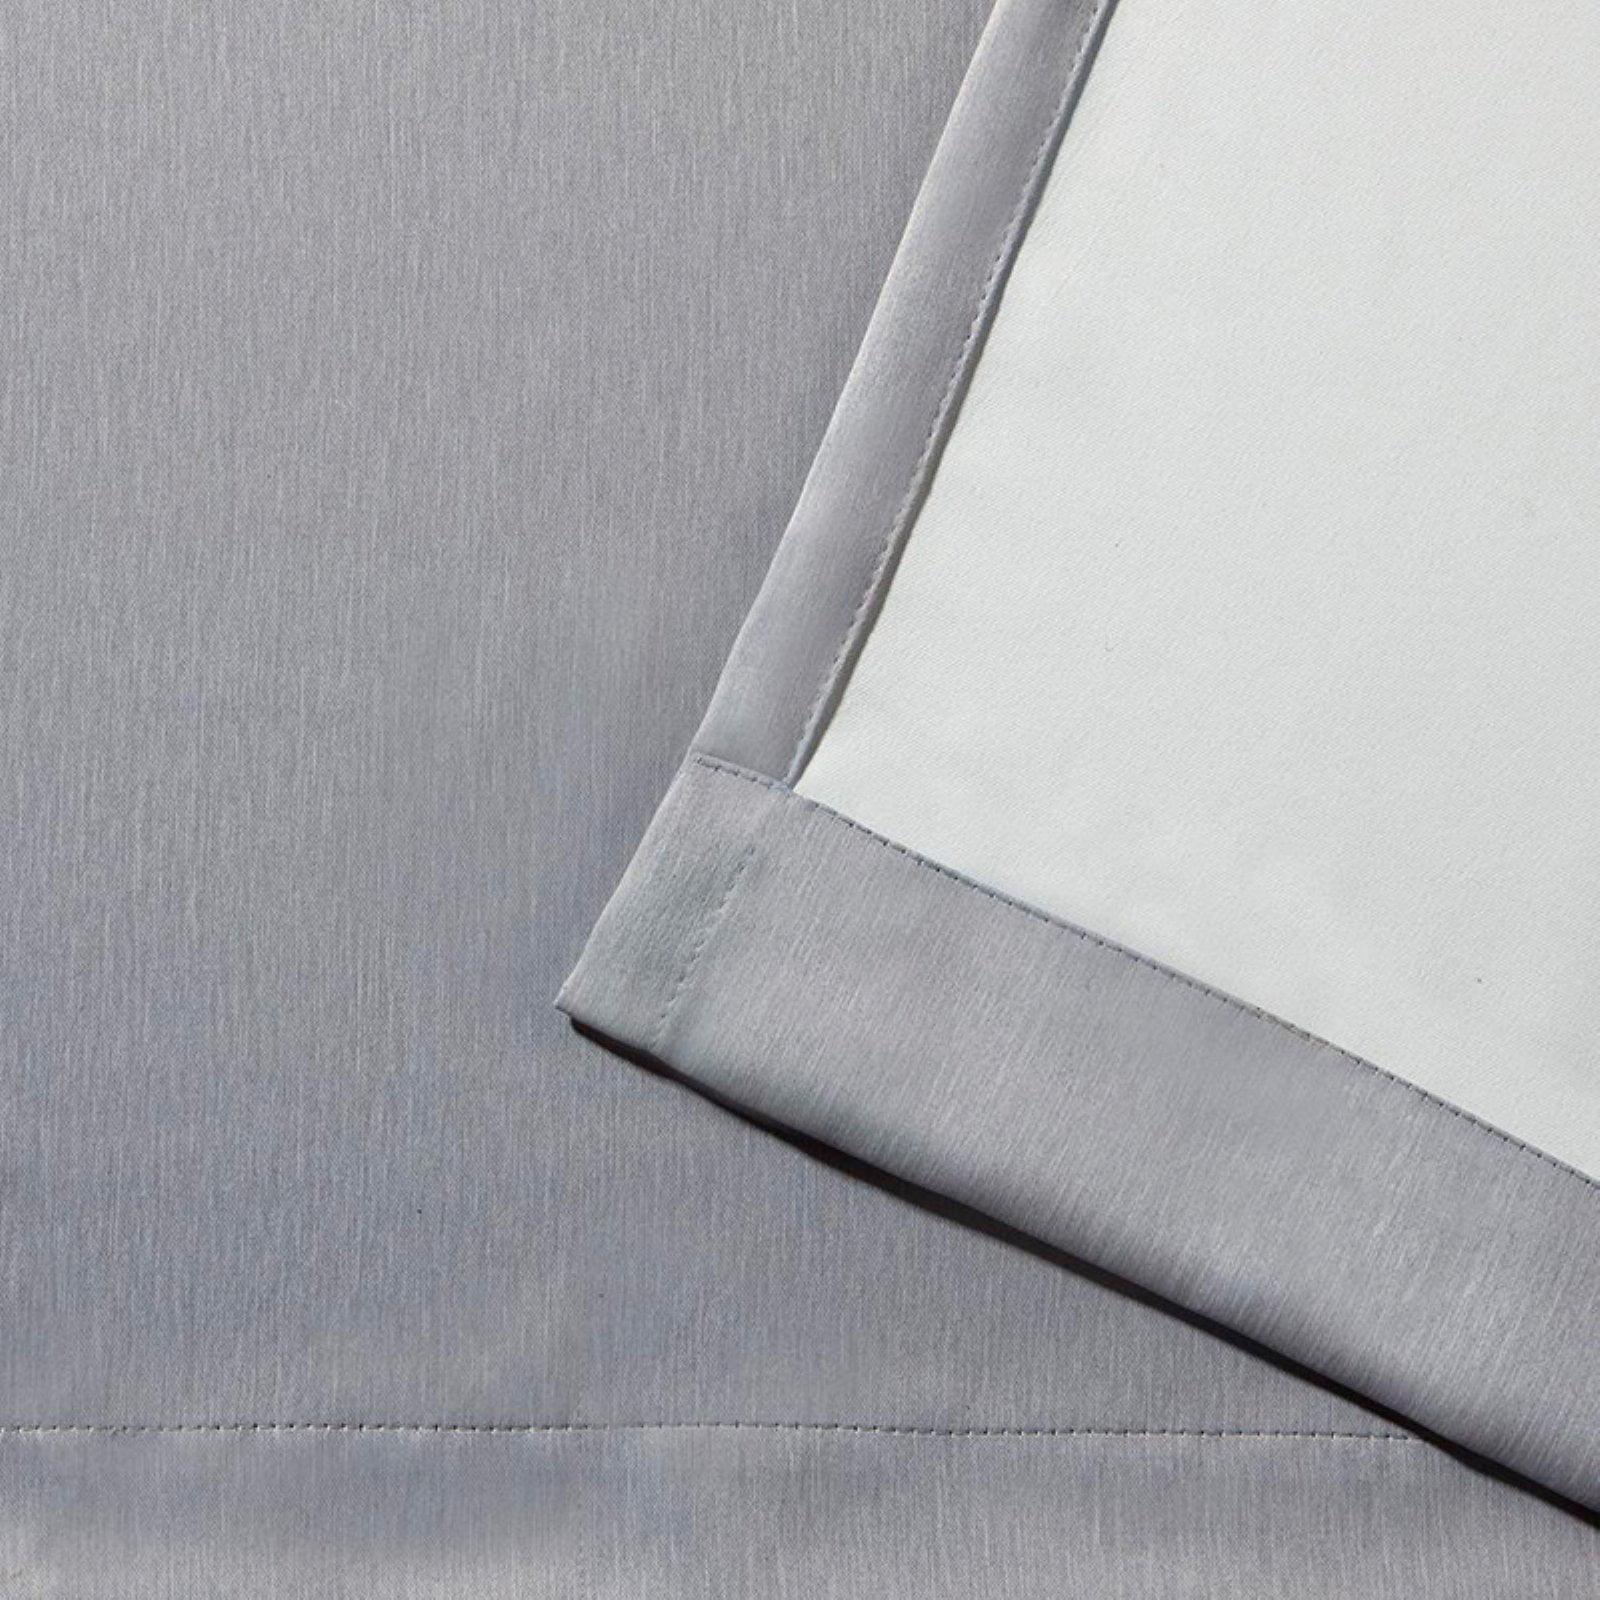 Exclusive Home Heath Textured Linen Woven Room Darkening Grommet Top Window Curtain Panel... by Exclusive Home